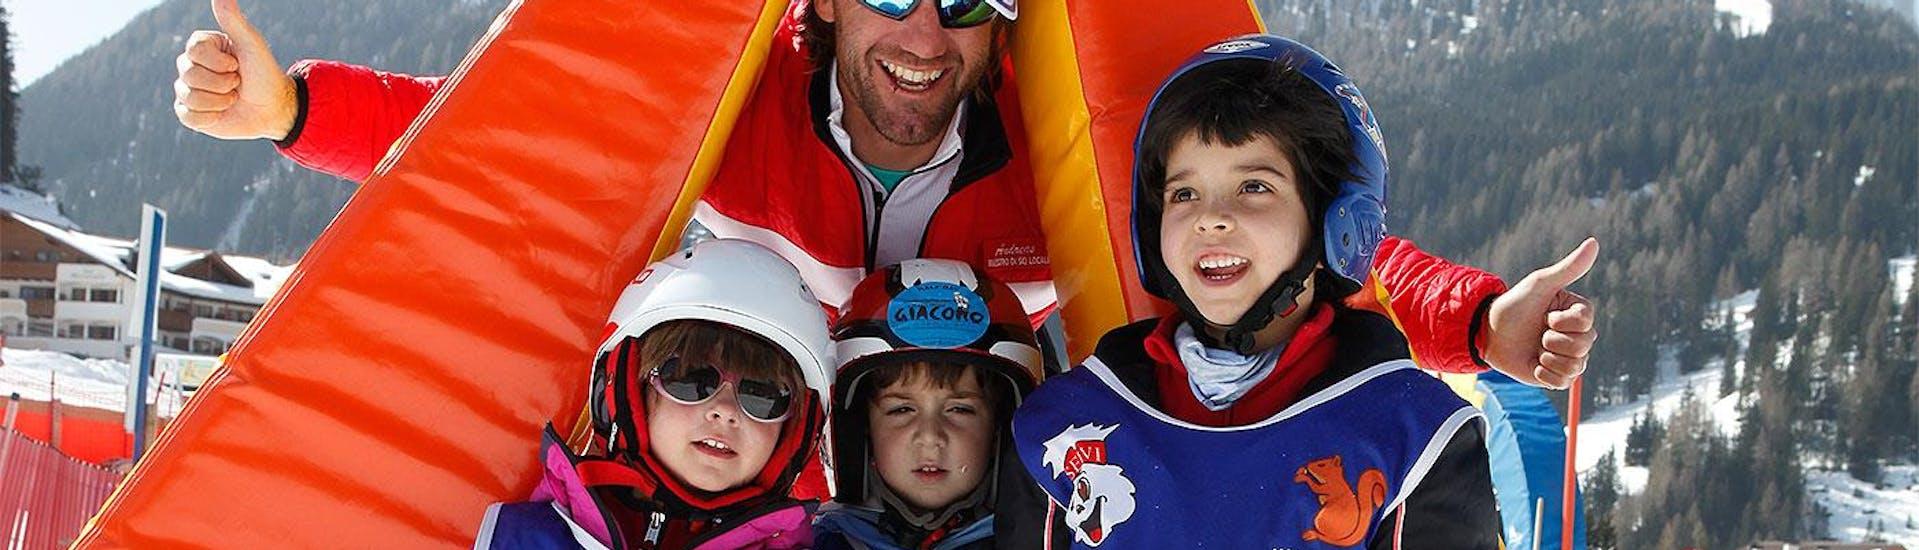 Cours de ski Enfants dès 10 ans - Avancé